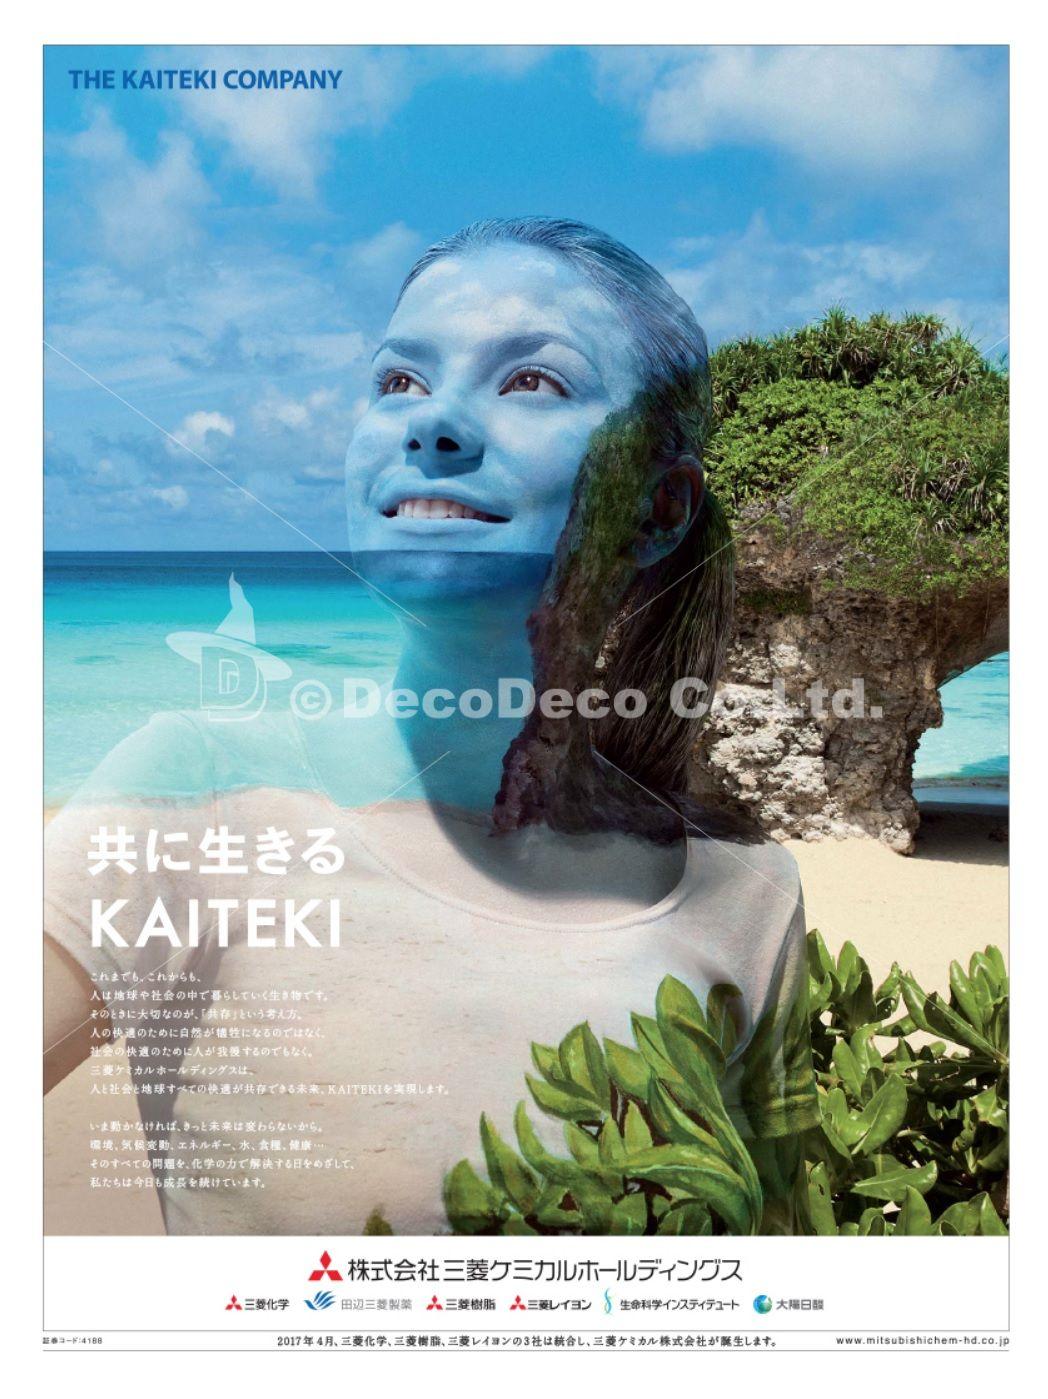 ㈱三菱ケミカルホールディングス広告・第一弾/ボディペインティング制作